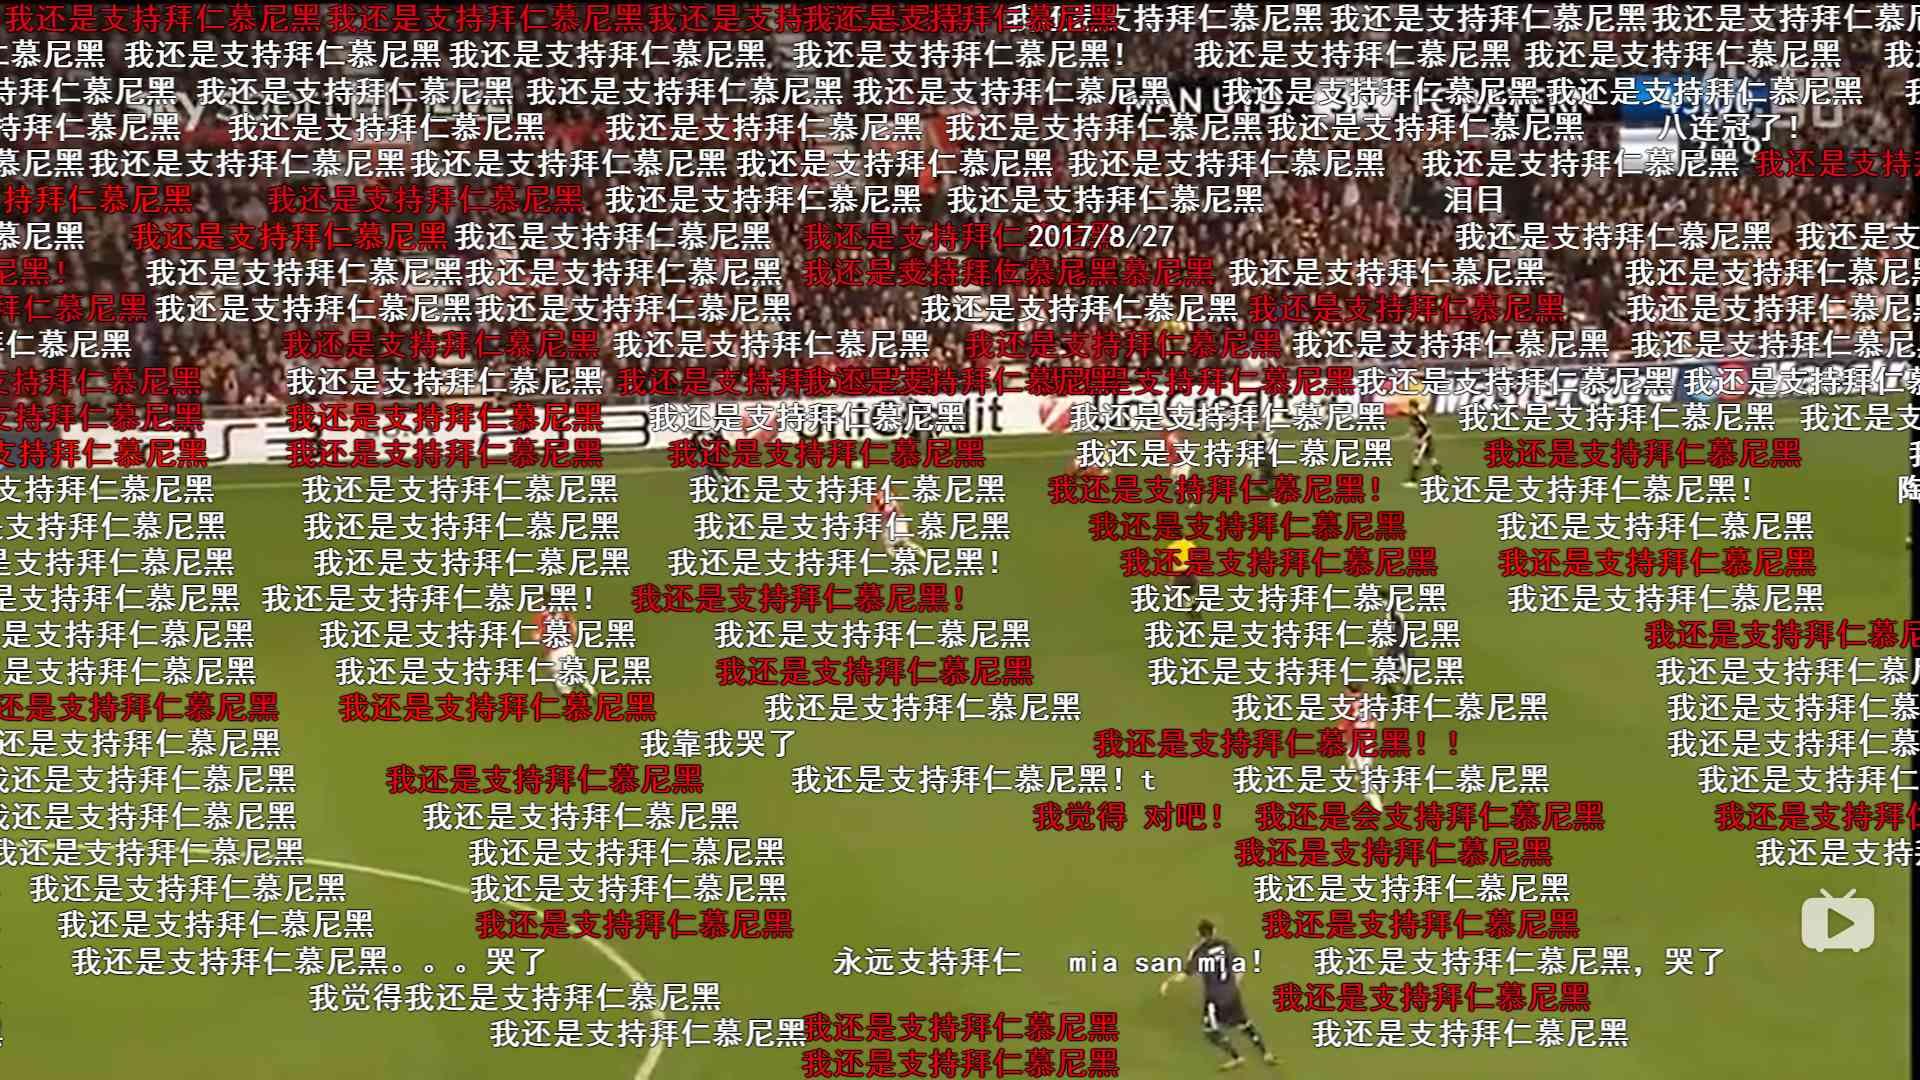 我还是支持拜仁慕尼黑  足球话题区